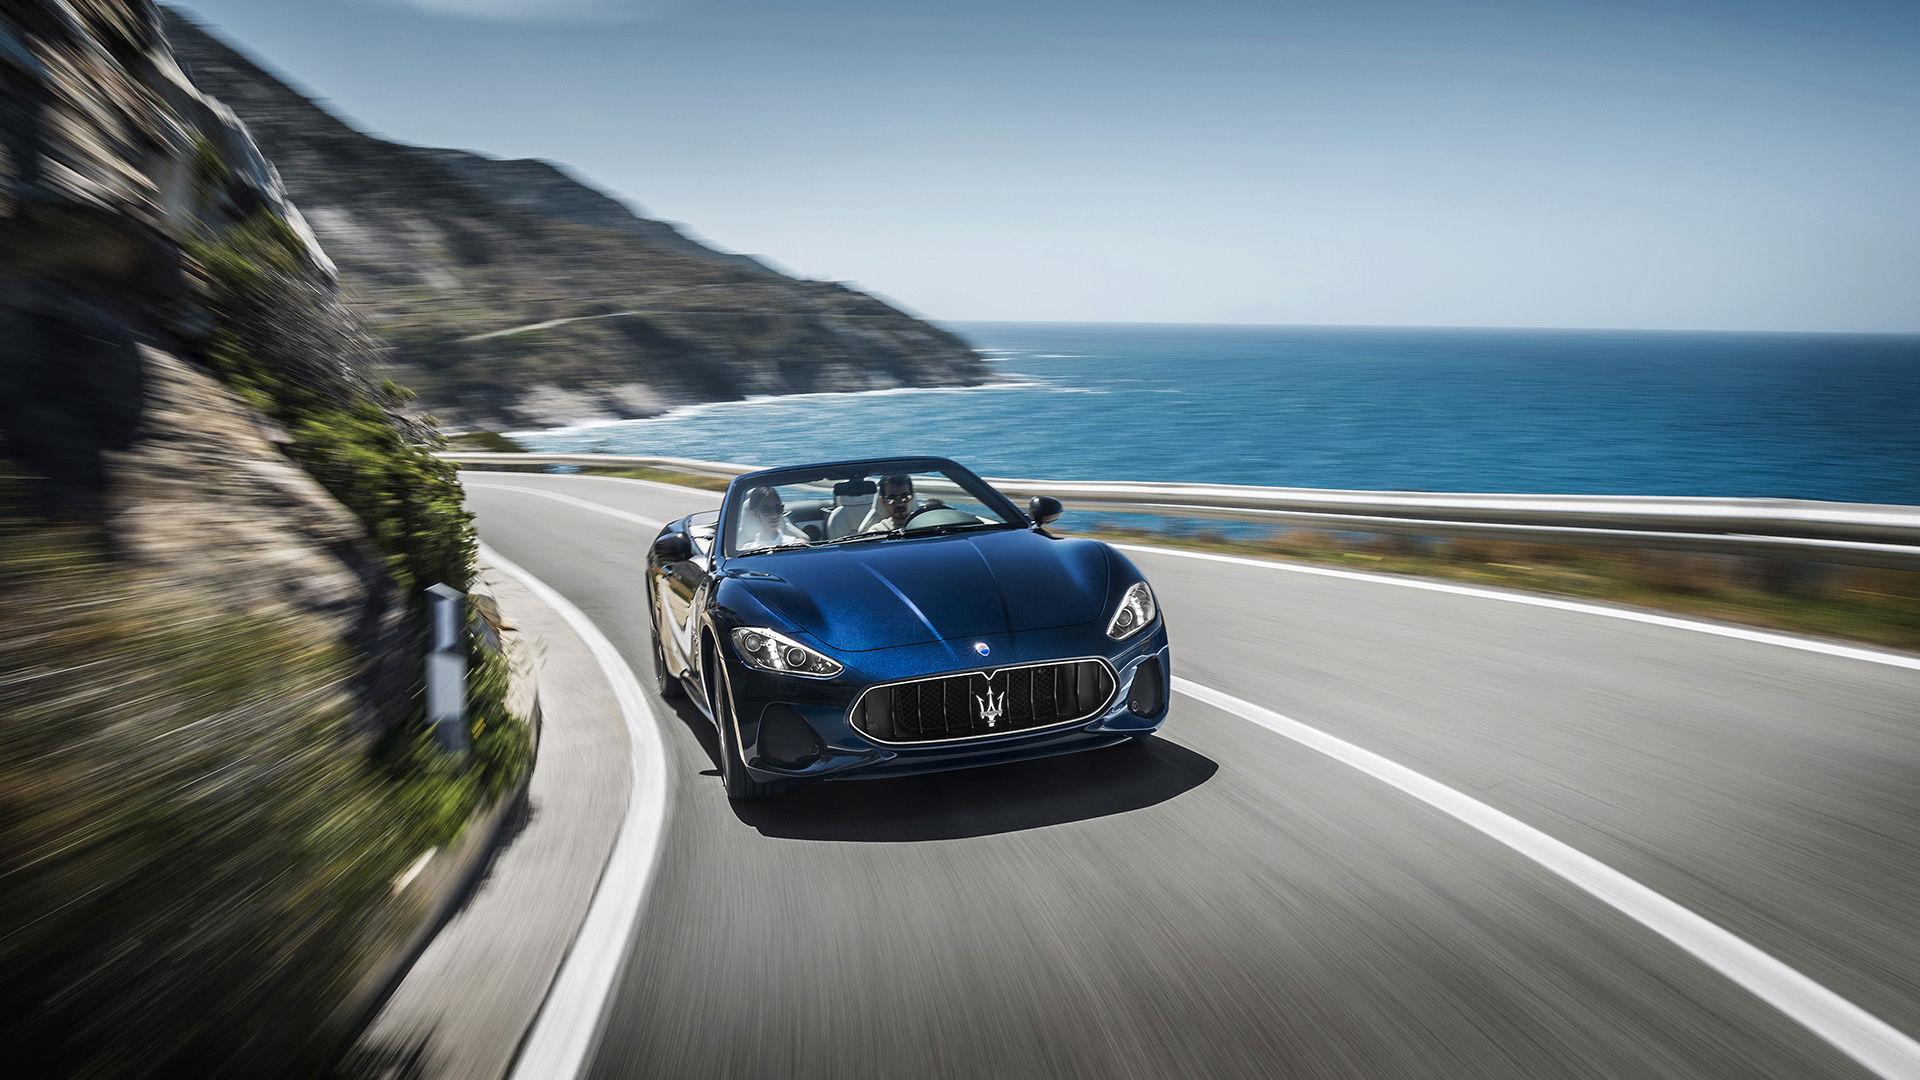 Maserati GranCabrio Probefahrt und Angebote - Maserati GranCabrio 2019